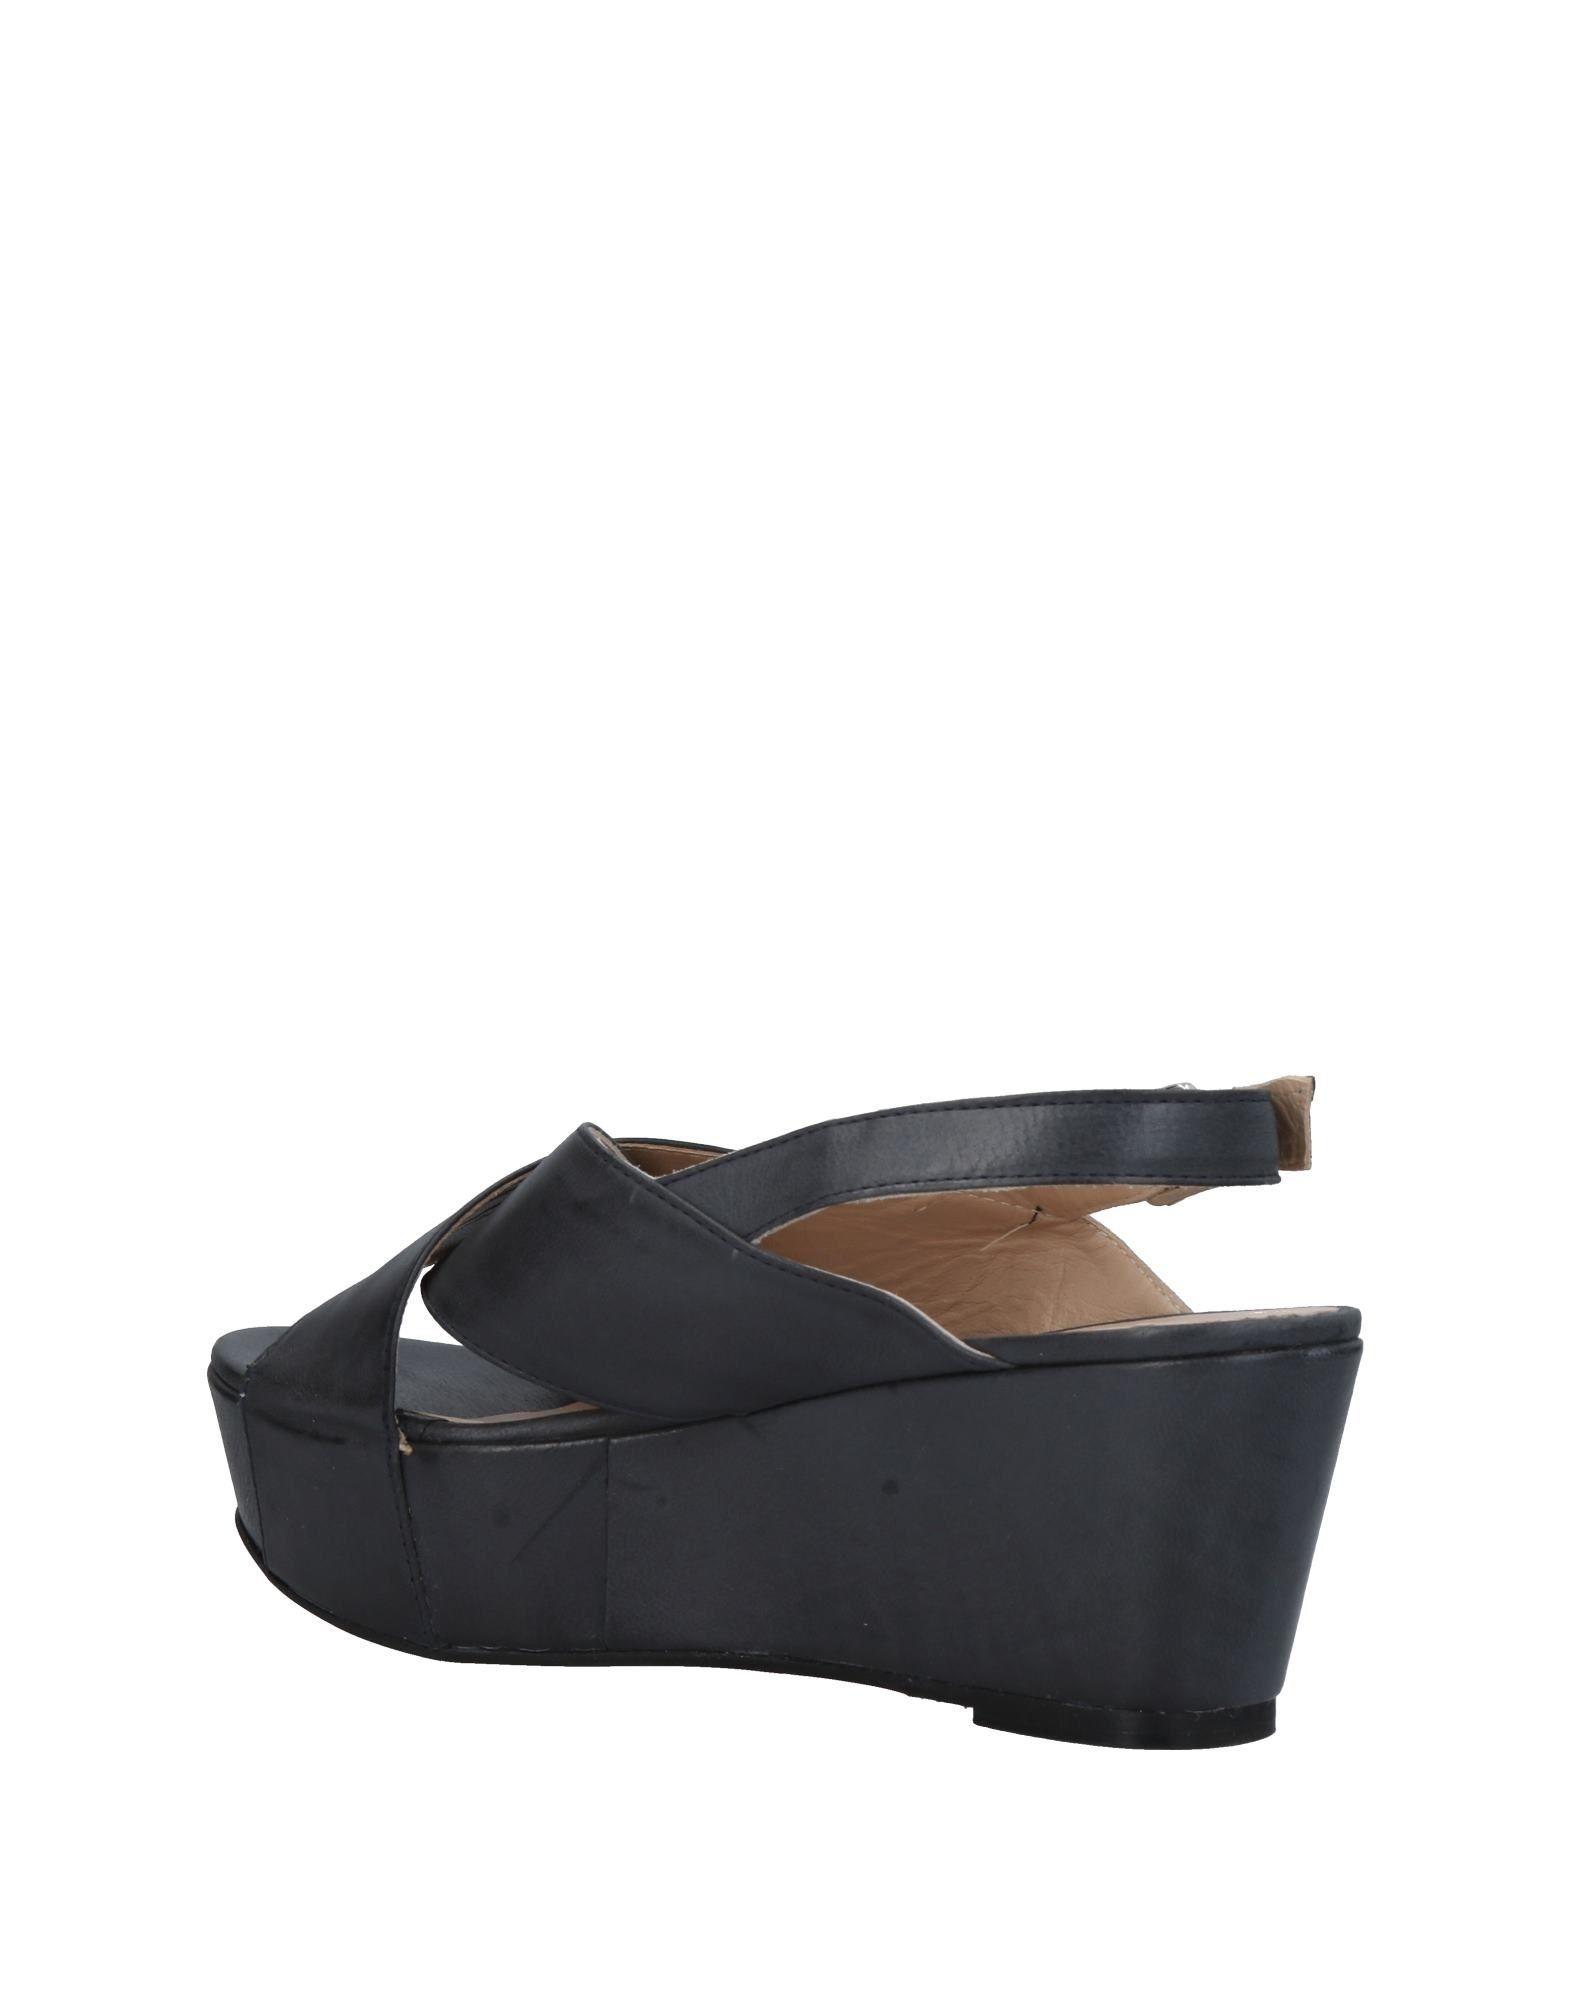 Mally Sandalen Damen  11442614MA Gute Qualität beliebte Schuhe